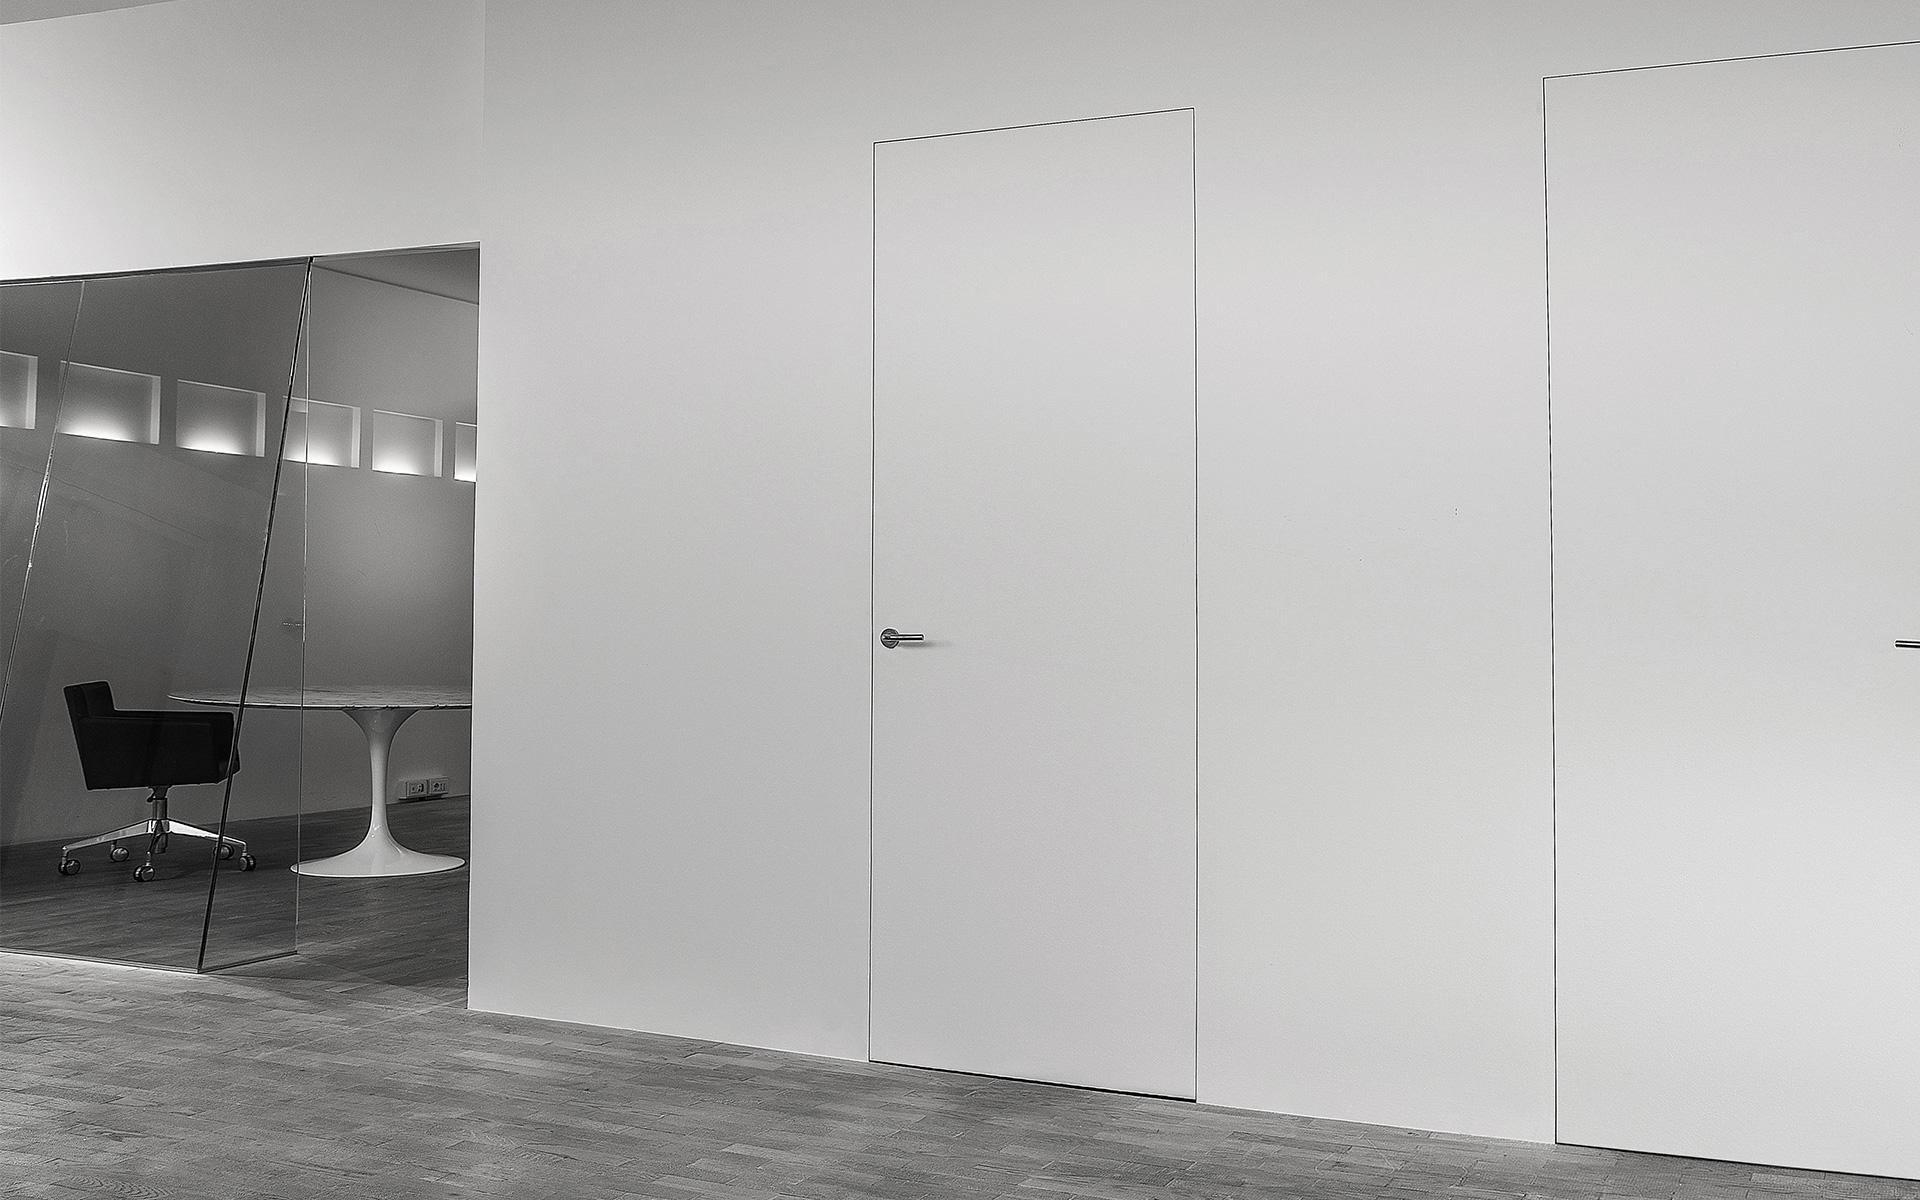 Porte invisibili filomuro o rasomuro in pronta consegna evoline3 - Porta a filo muro prezzi ...